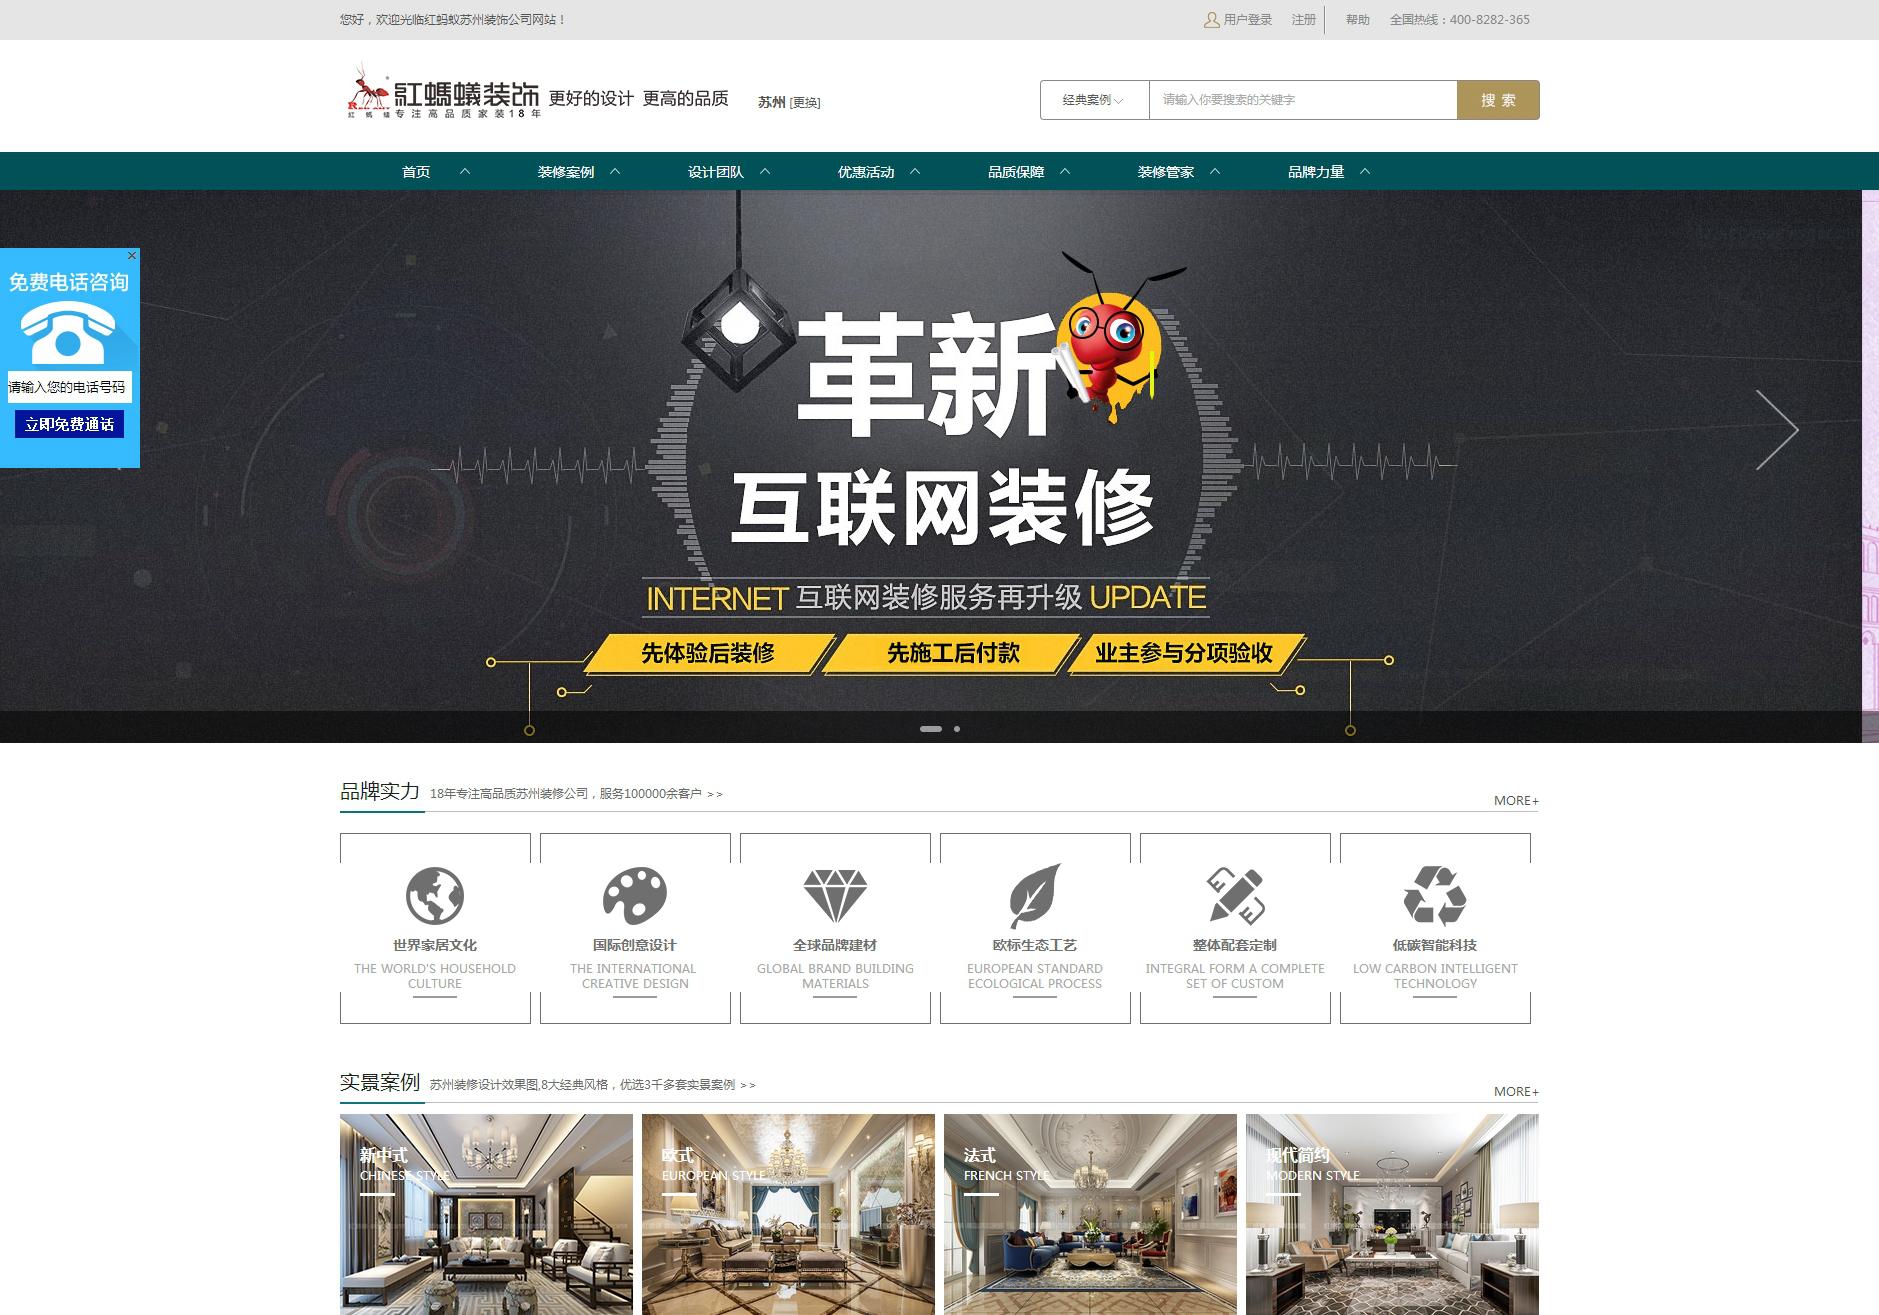 江苏红蚂蚁装饰设计工程有限公司